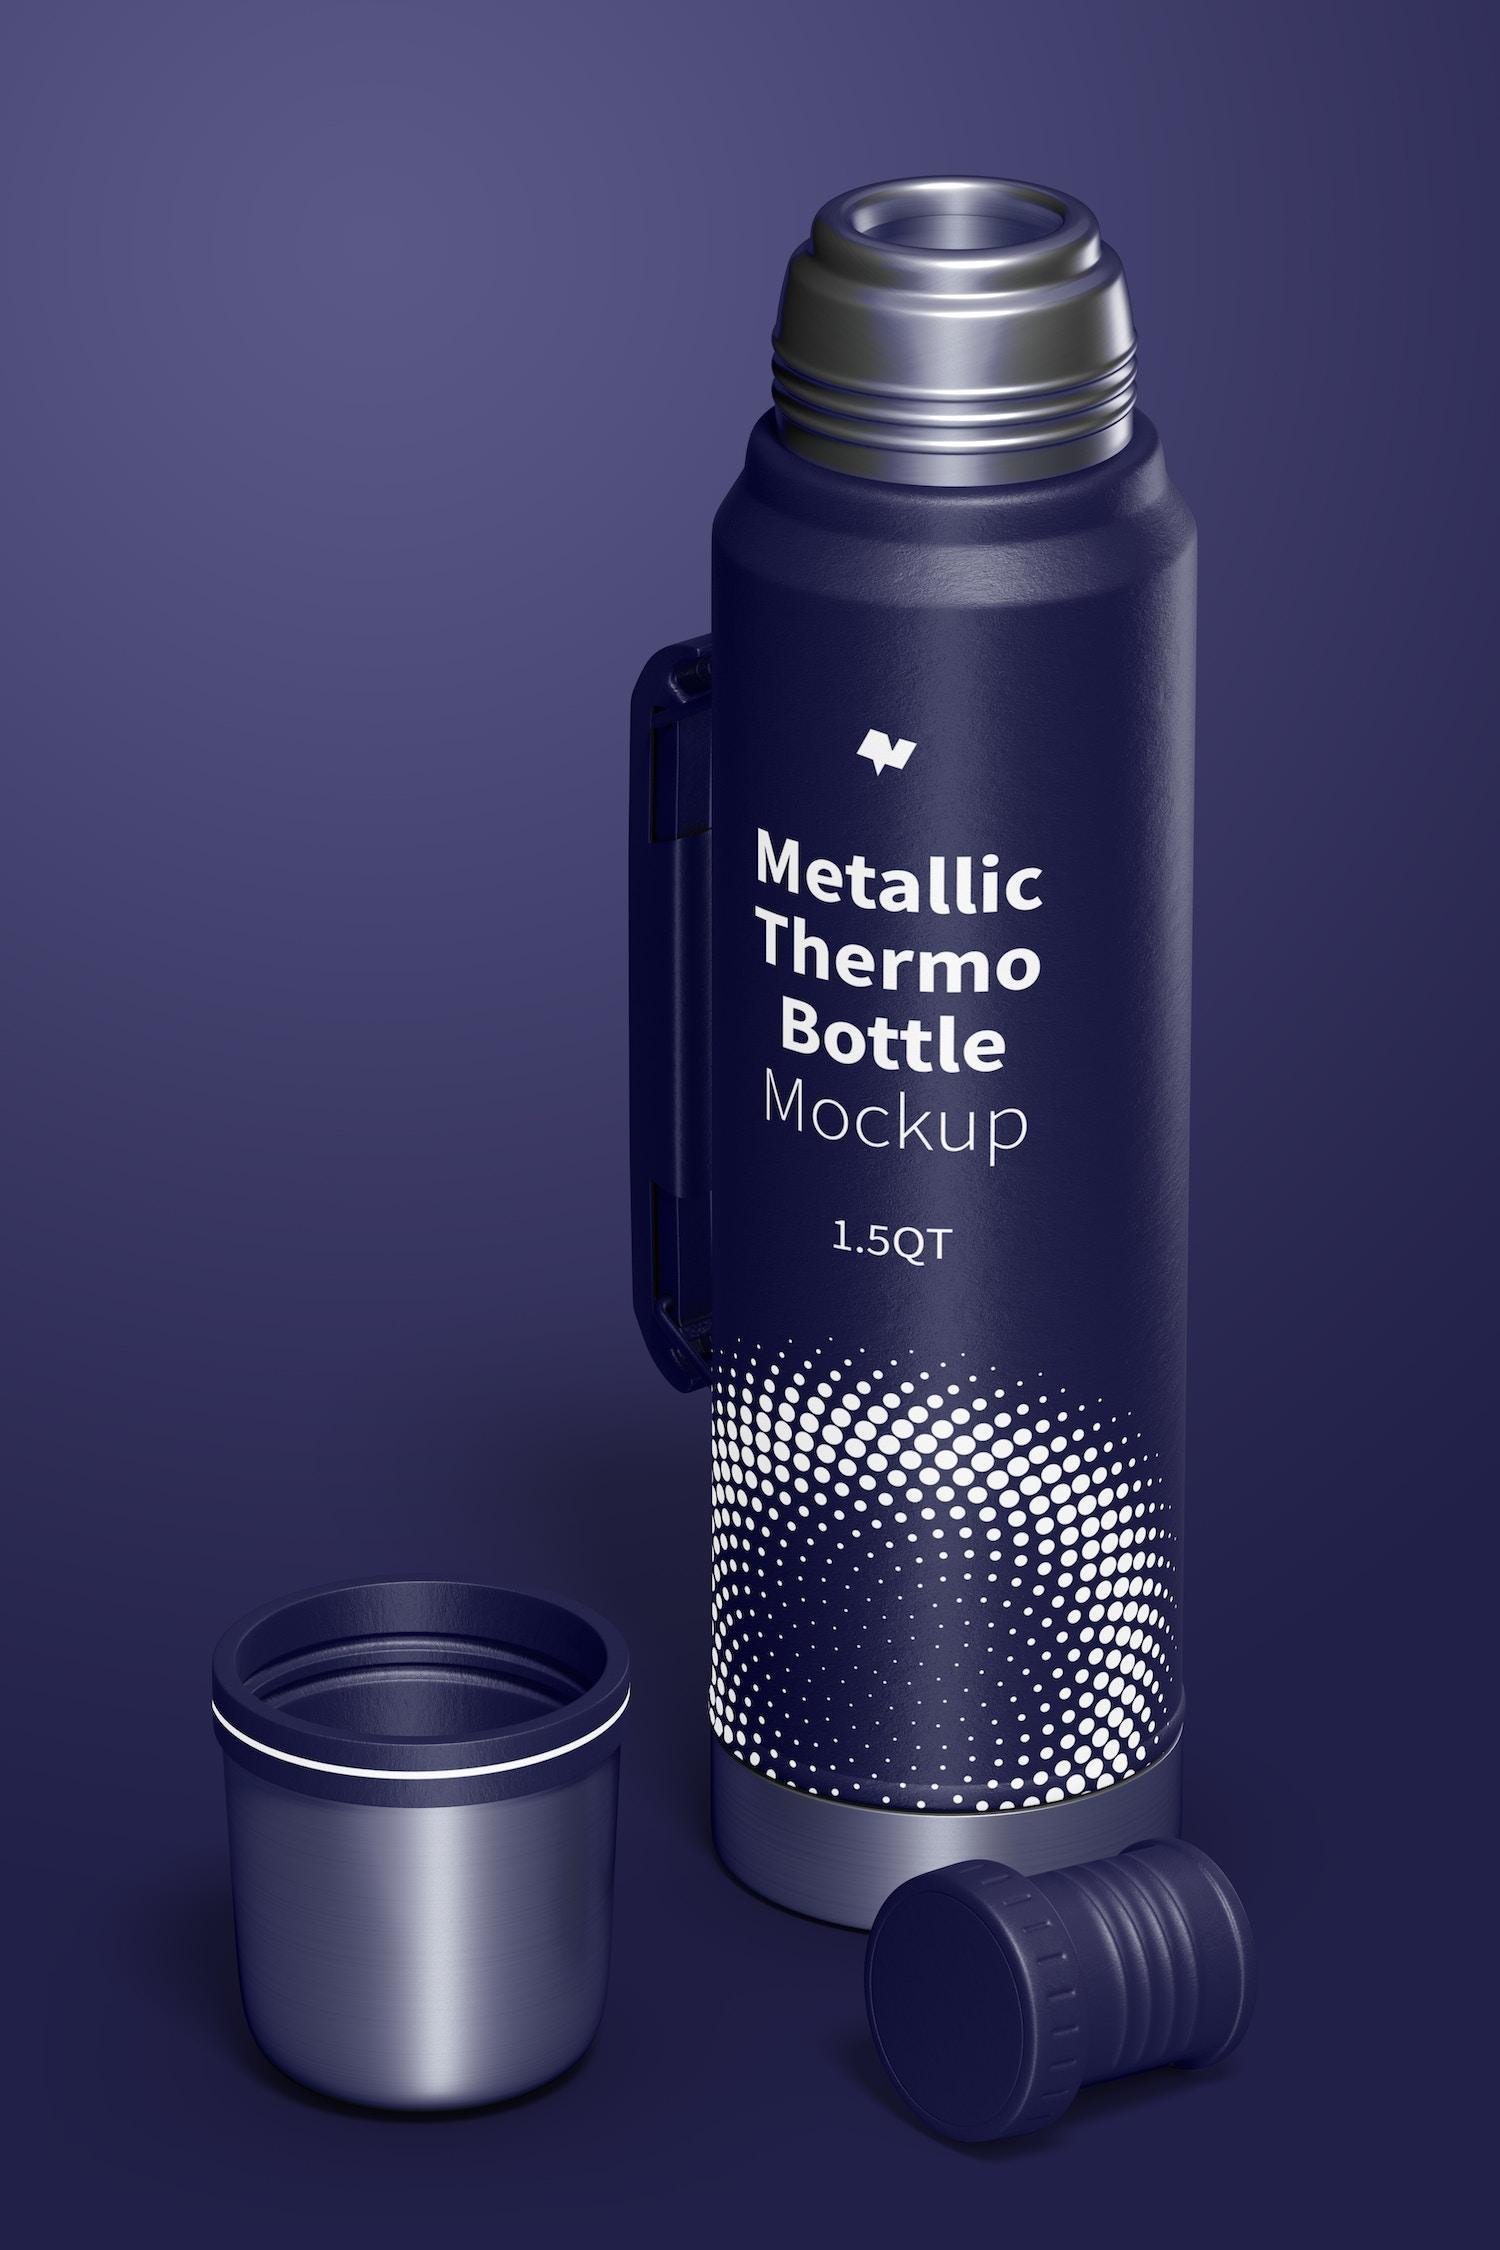 La botella metálica tiene una reflexion de luz realista.